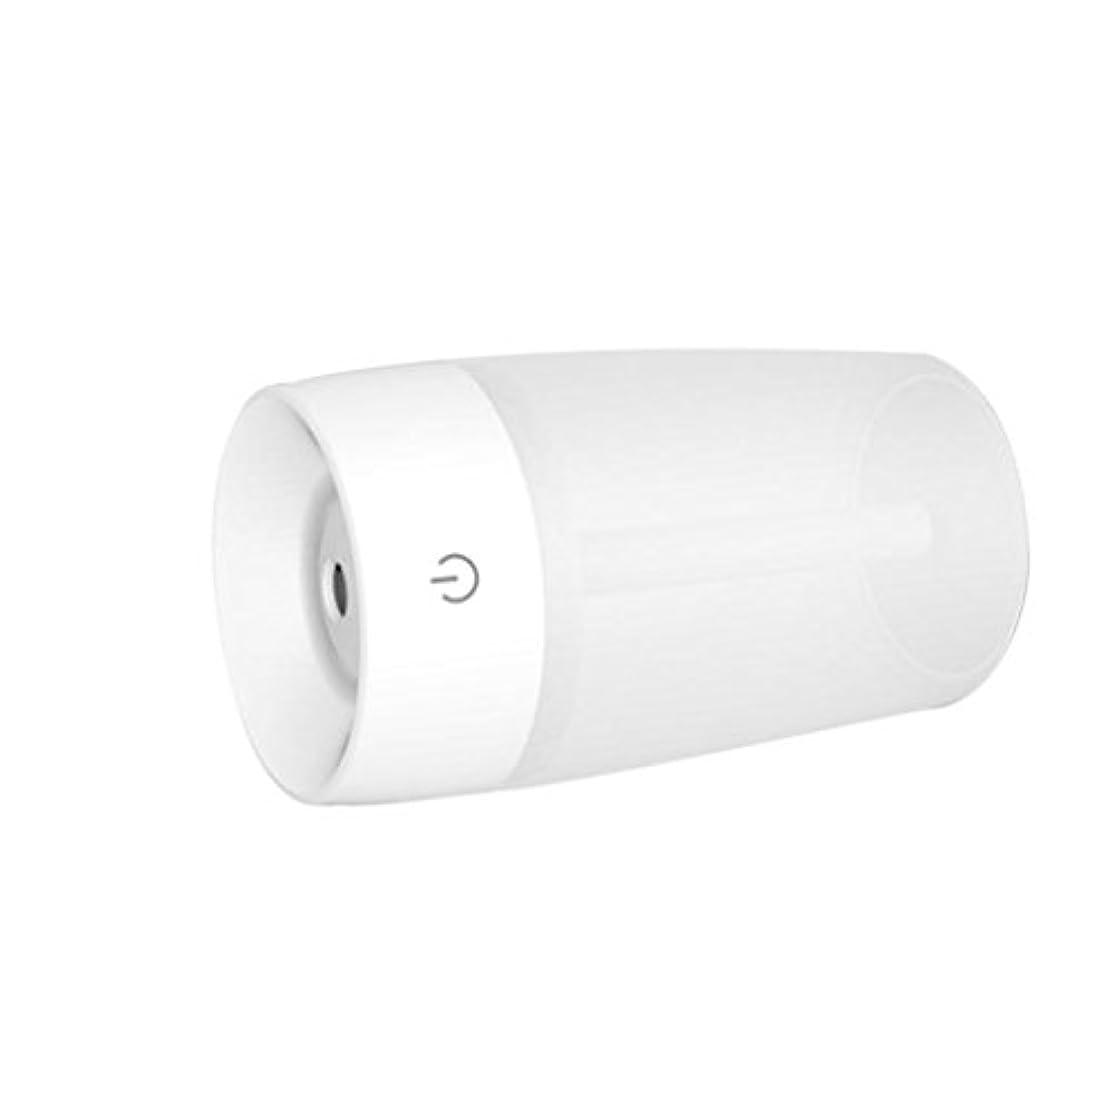 犠牲招待驚いた加湿器 USB カップ形状 ポータブル アロマディフューザー 空気 アトマイザー 全3色 - 白い